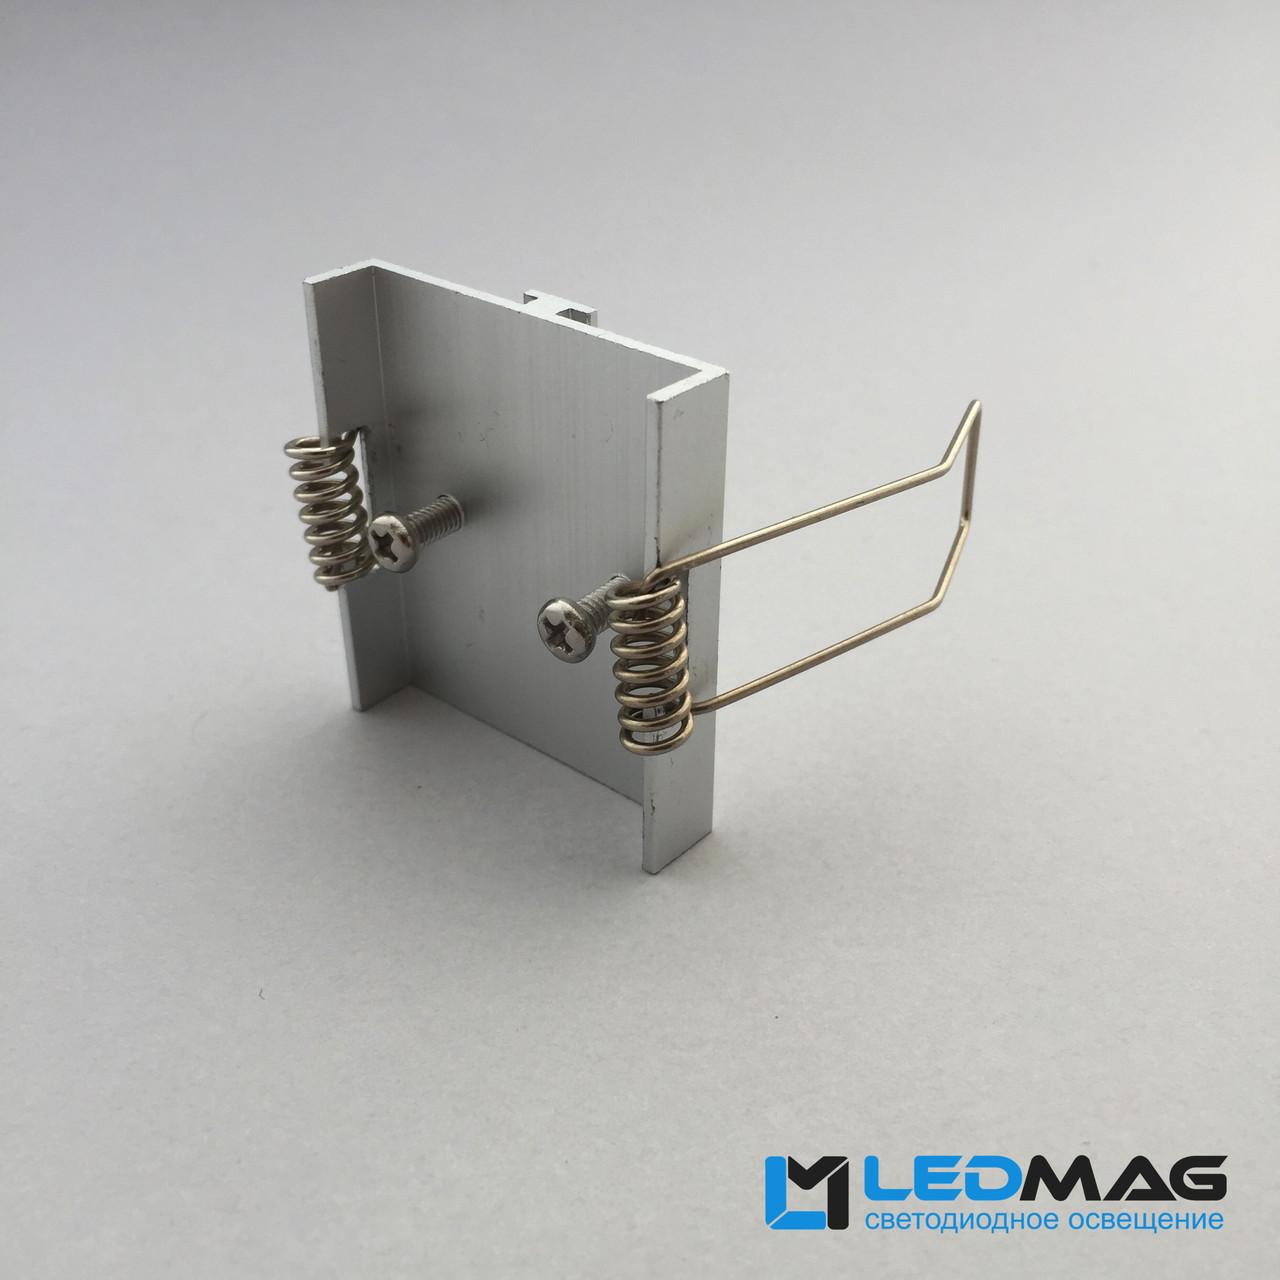 Пружина крепежная для встраиваемого профиля ЛСВ-55 70(55)х32 мм